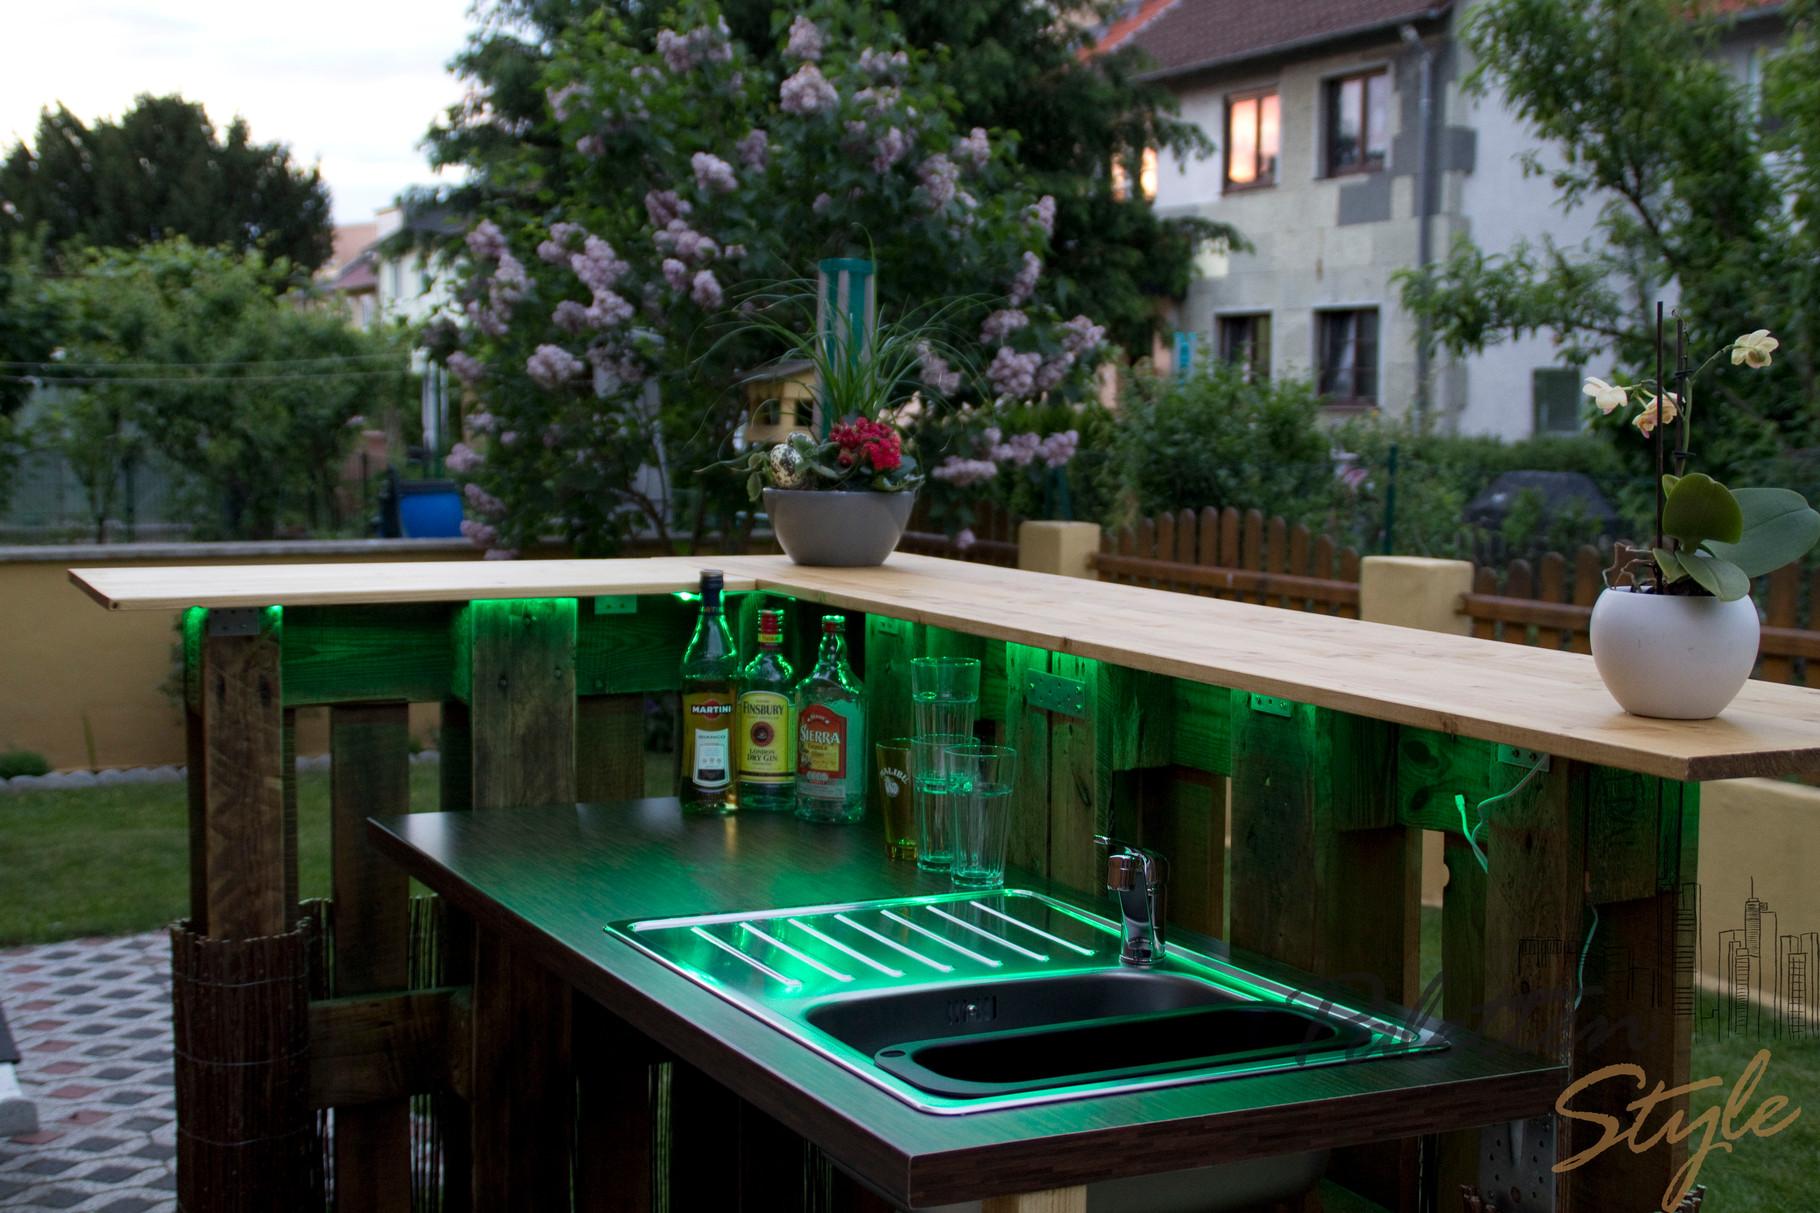 Outdoorküche Möbel Zug : Palettenmöbel outdoor küche nett paletten küche bildergalerie